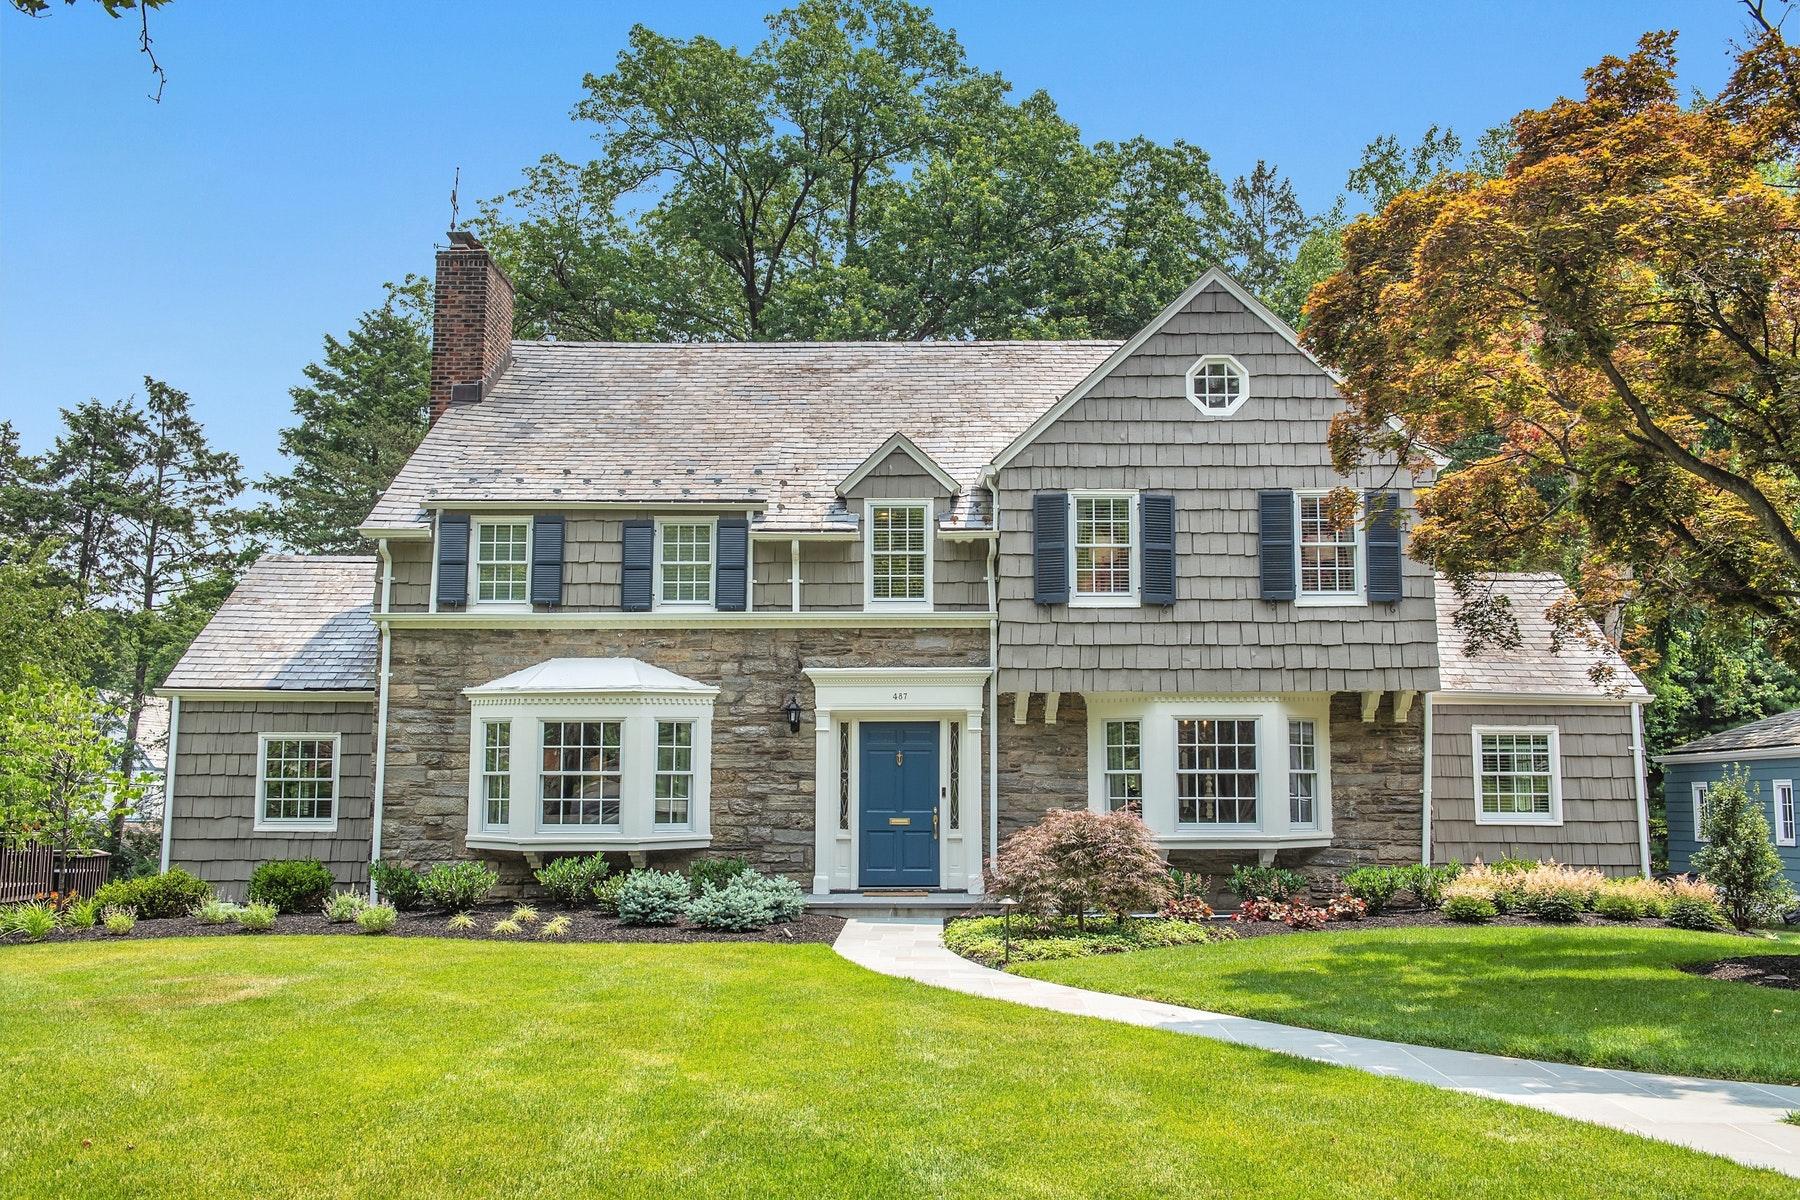 Maison unifamiliale pour l Vente à Completely Renovated Glen Ridge Colonial 487 Ridgewood Avenue, Glen Ridge, New Jersey 07028 États-Unis